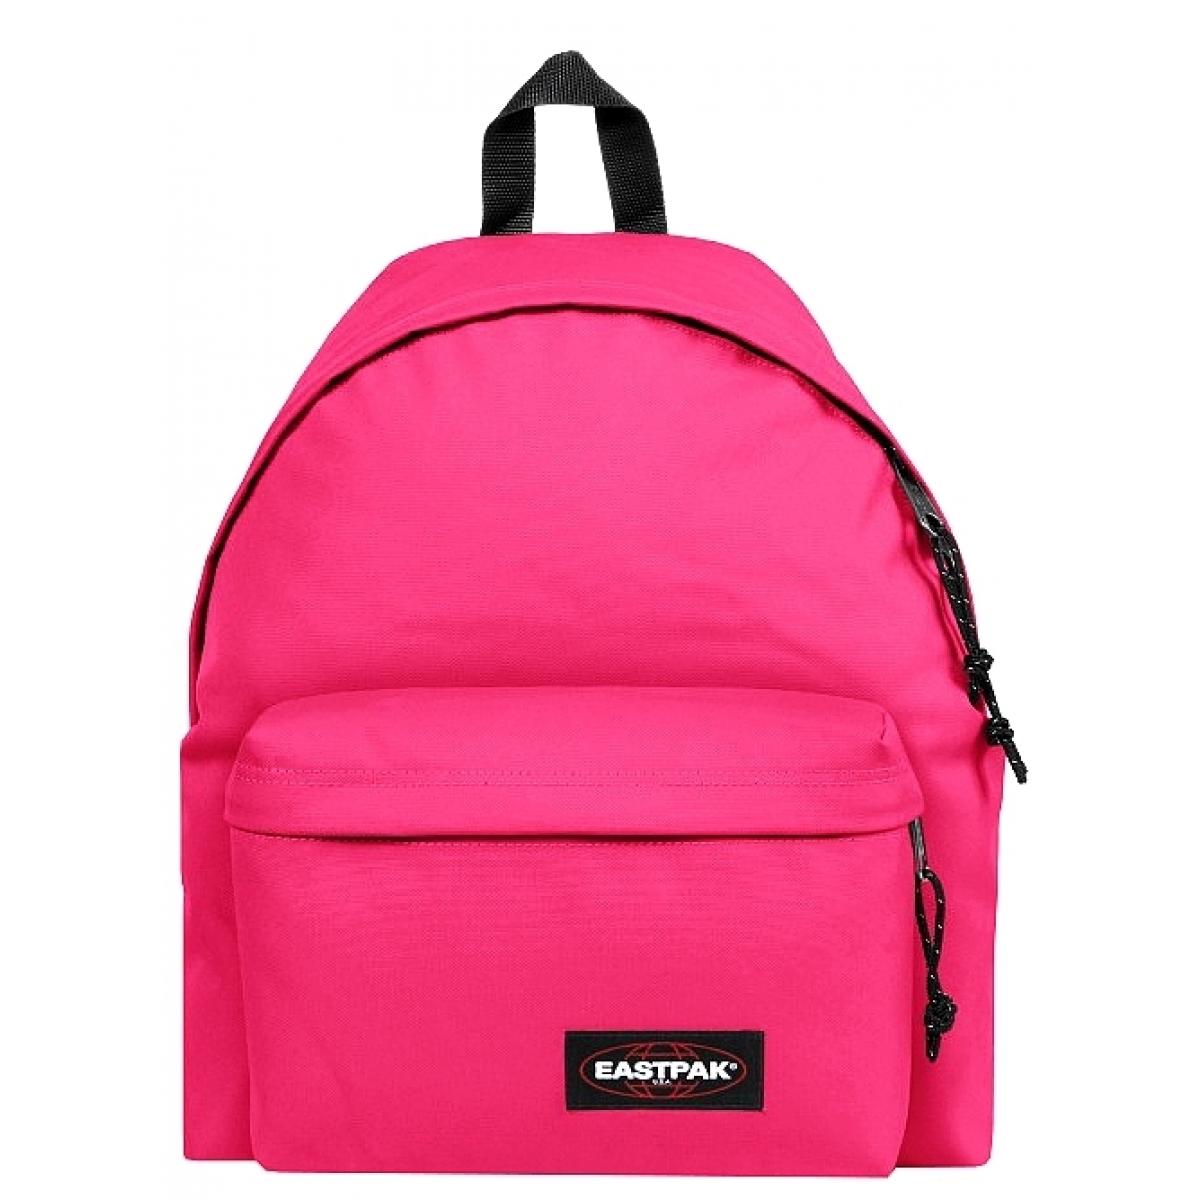 sac dos scolaire eastpak ek620 extra pink ek62051t couleur principale assortis. Black Bedroom Furniture Sets. Home Design Ideas